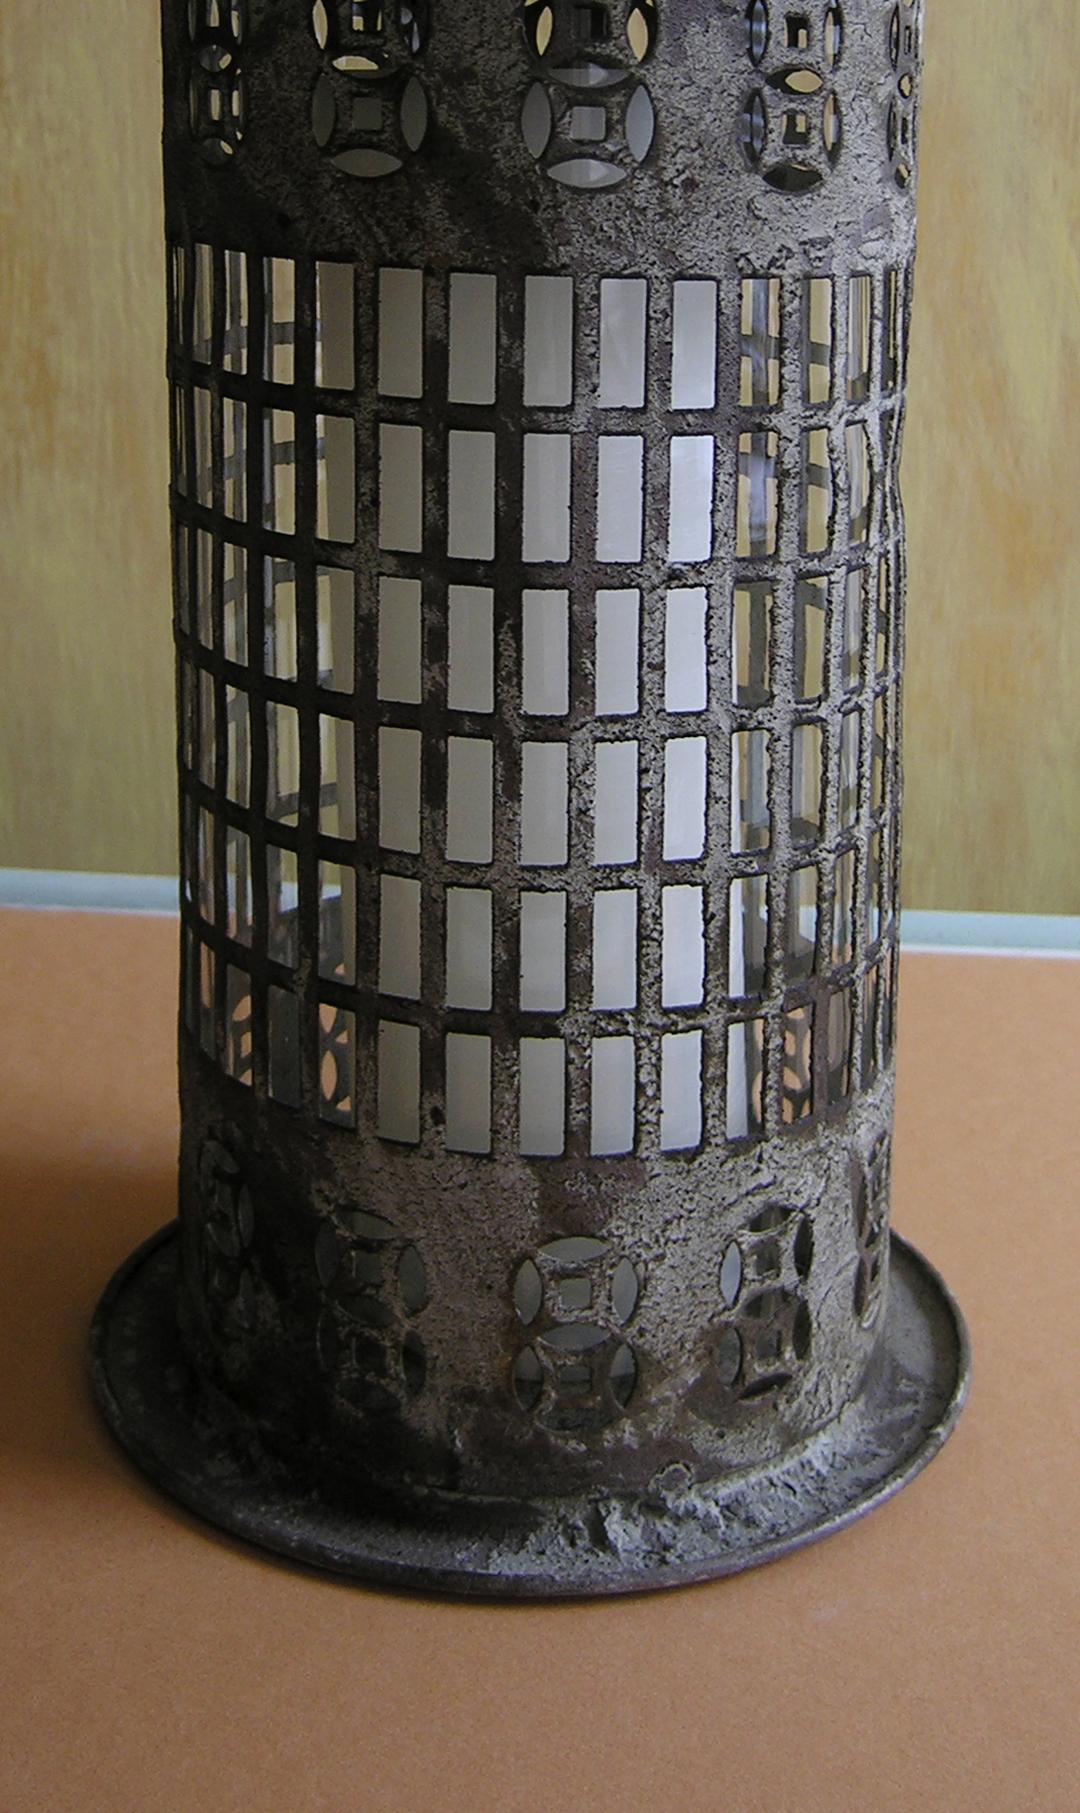 Decorative Metal Candle Lantern - Detail Shot